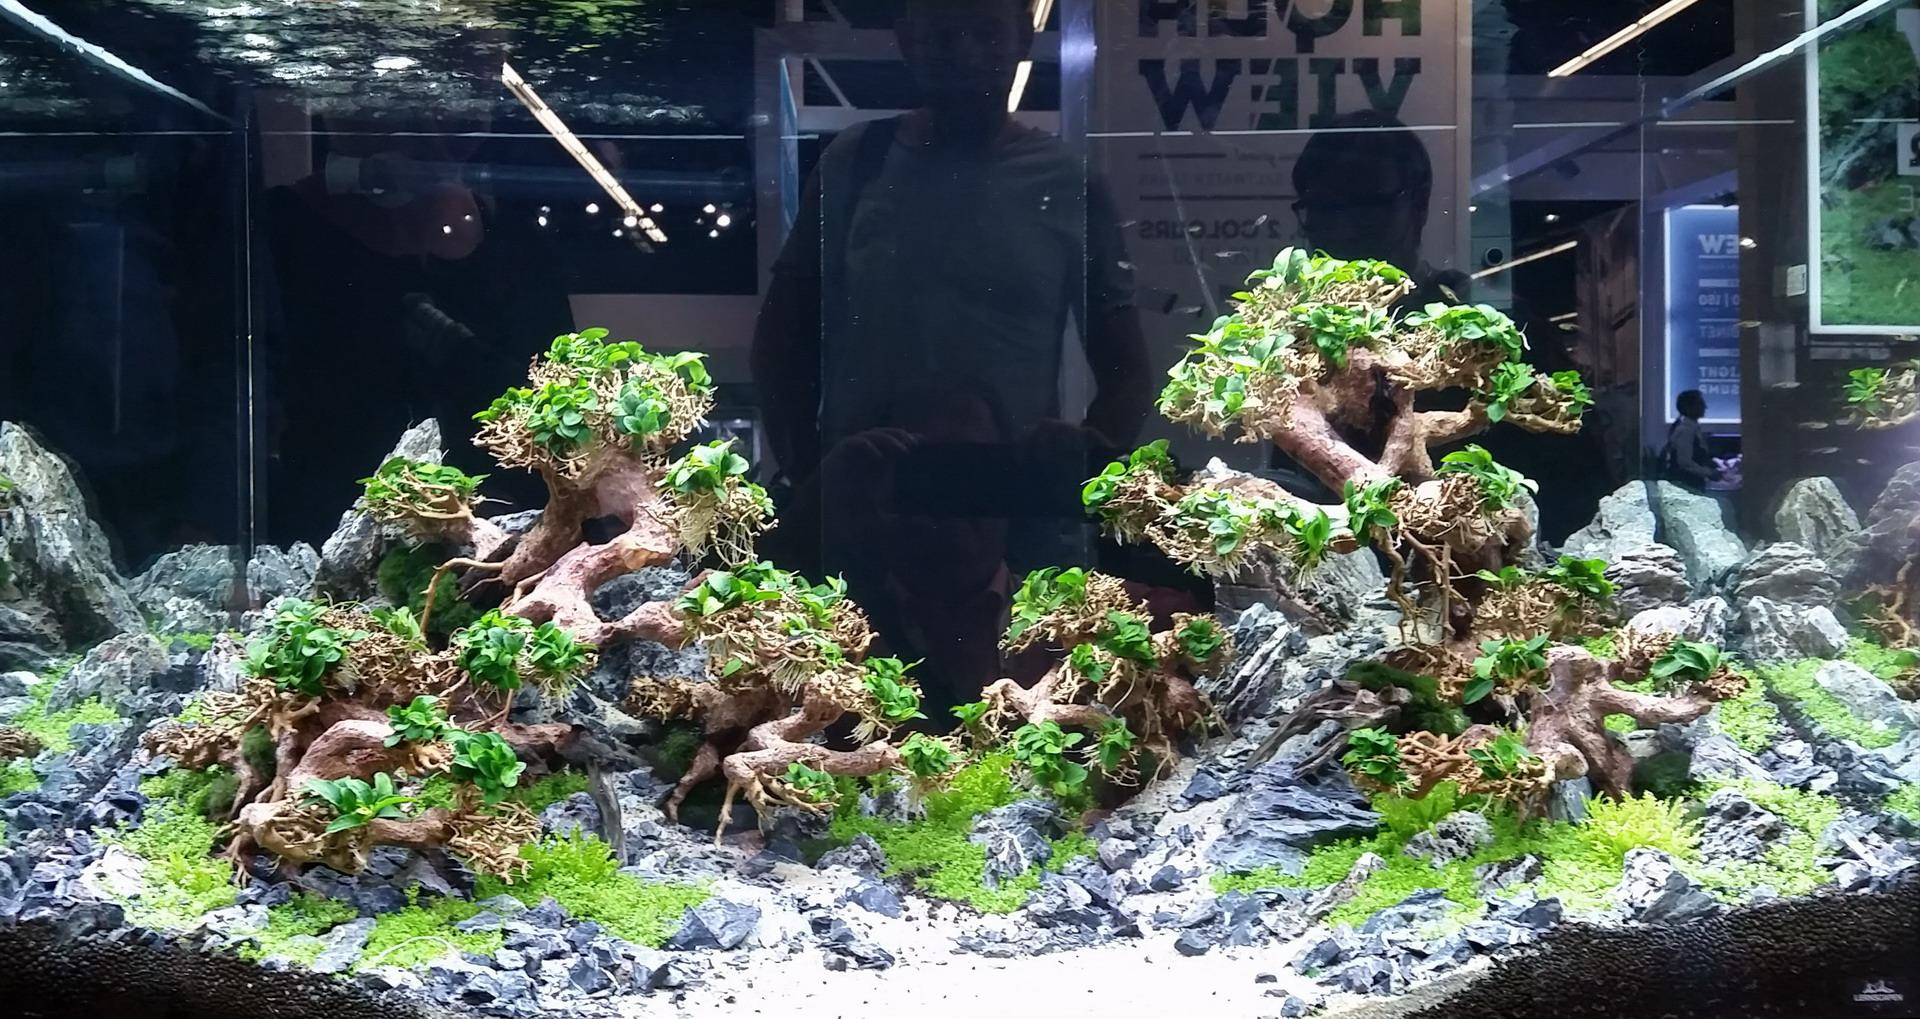 Aqua Bonsai Wurzel Small Aquascaping Drachenbaum Traumwurzel Klein W